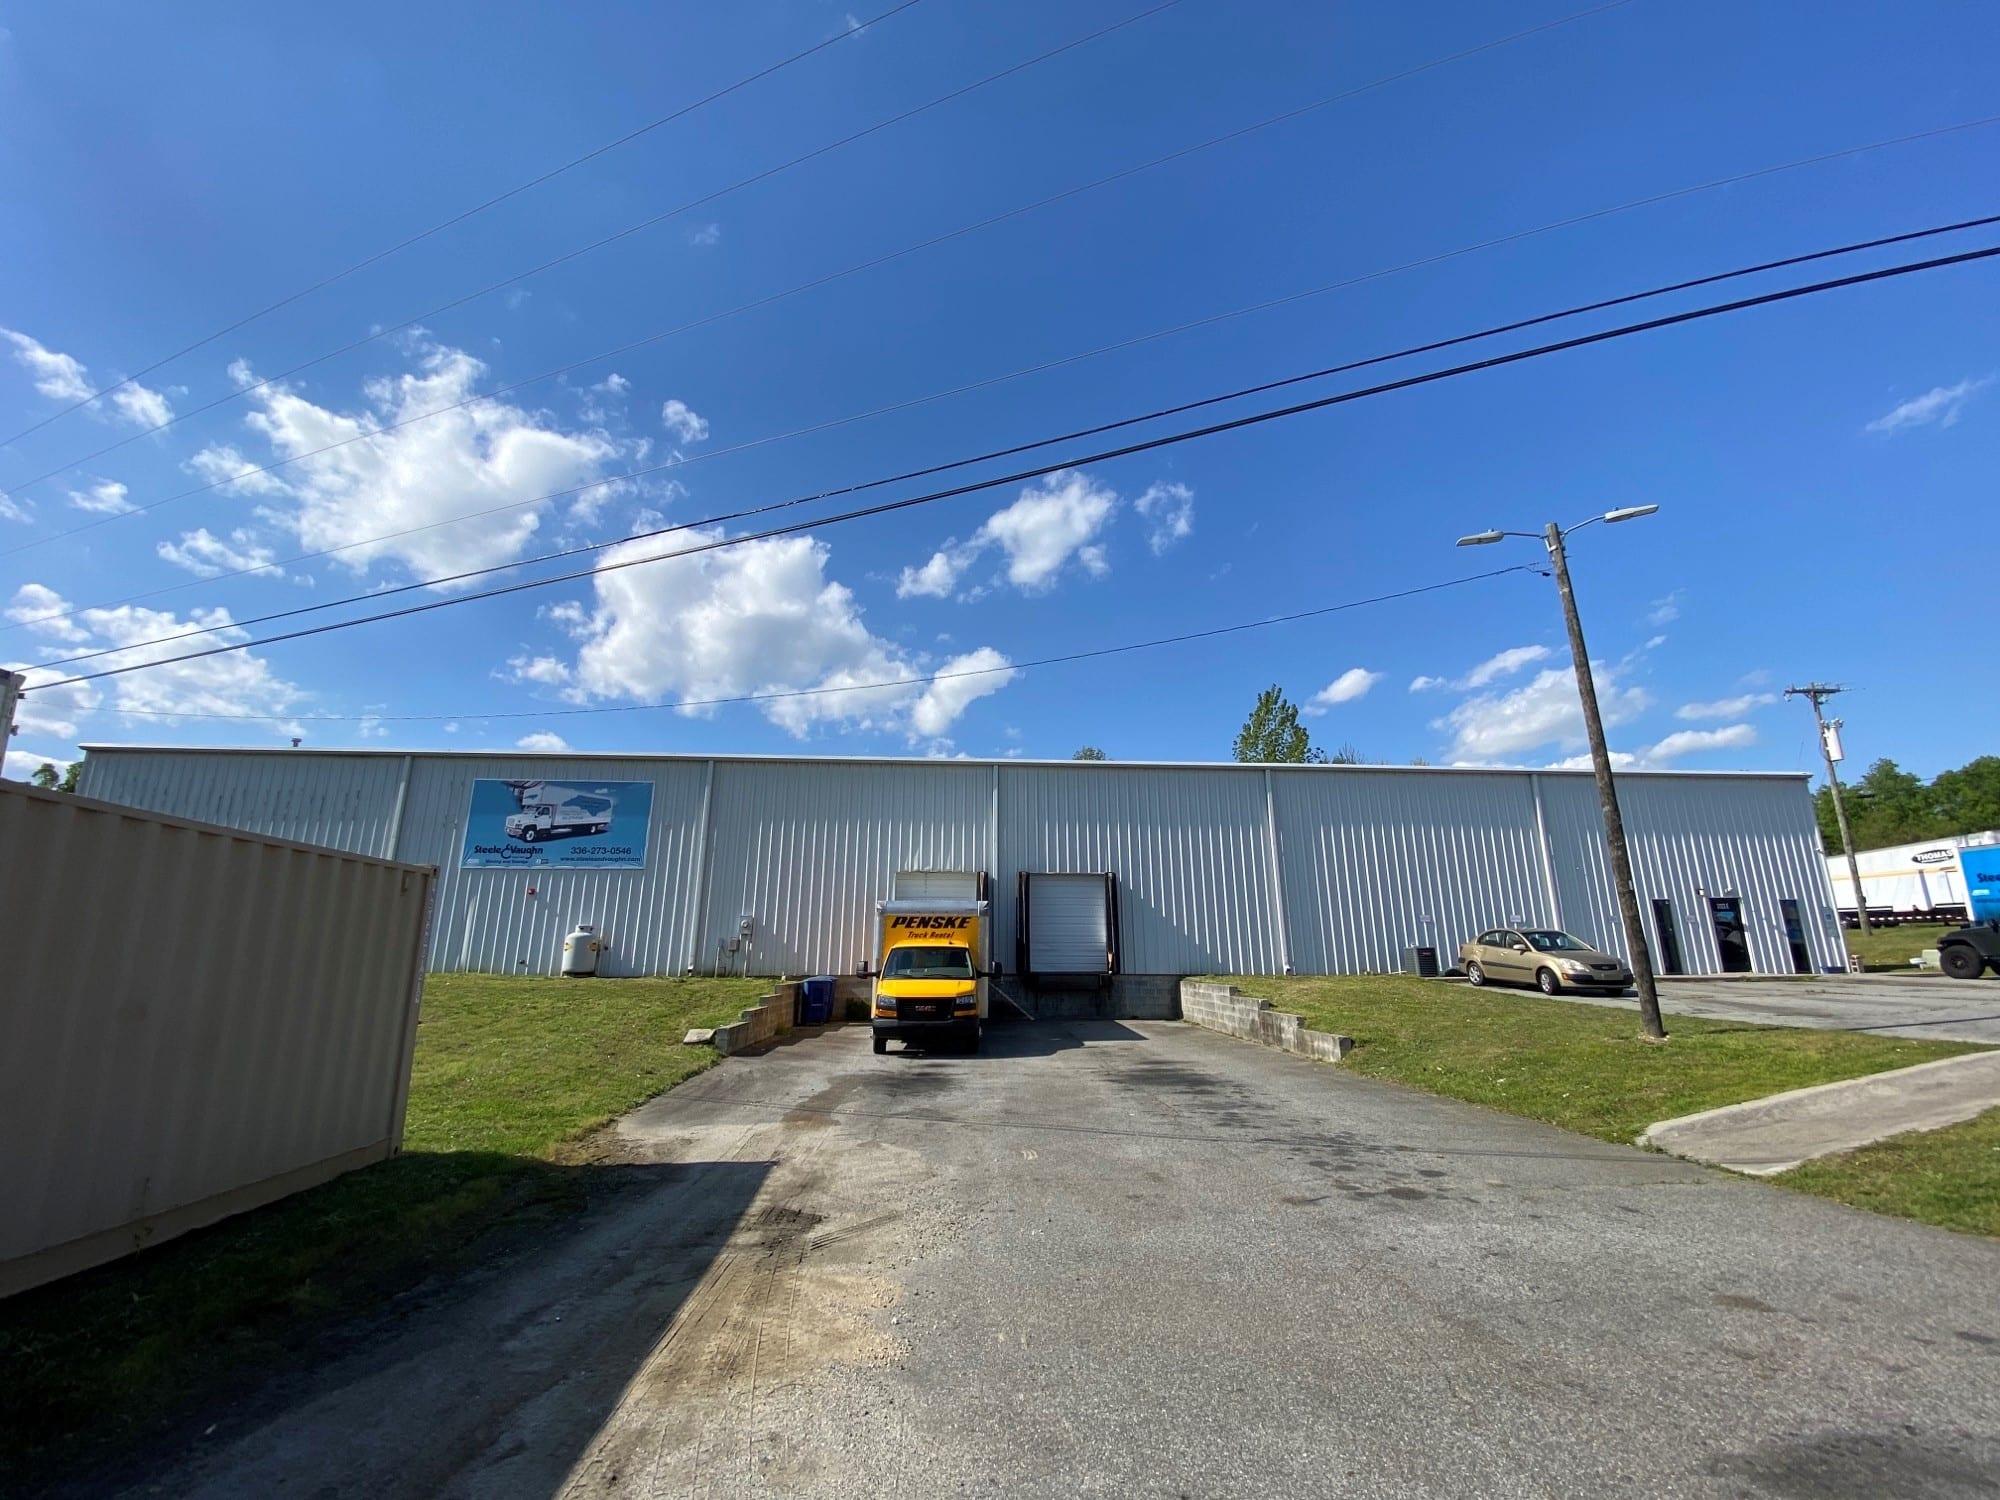 3123 Cedar Park Road Greensboro NC  27405 Unit E & Unit J